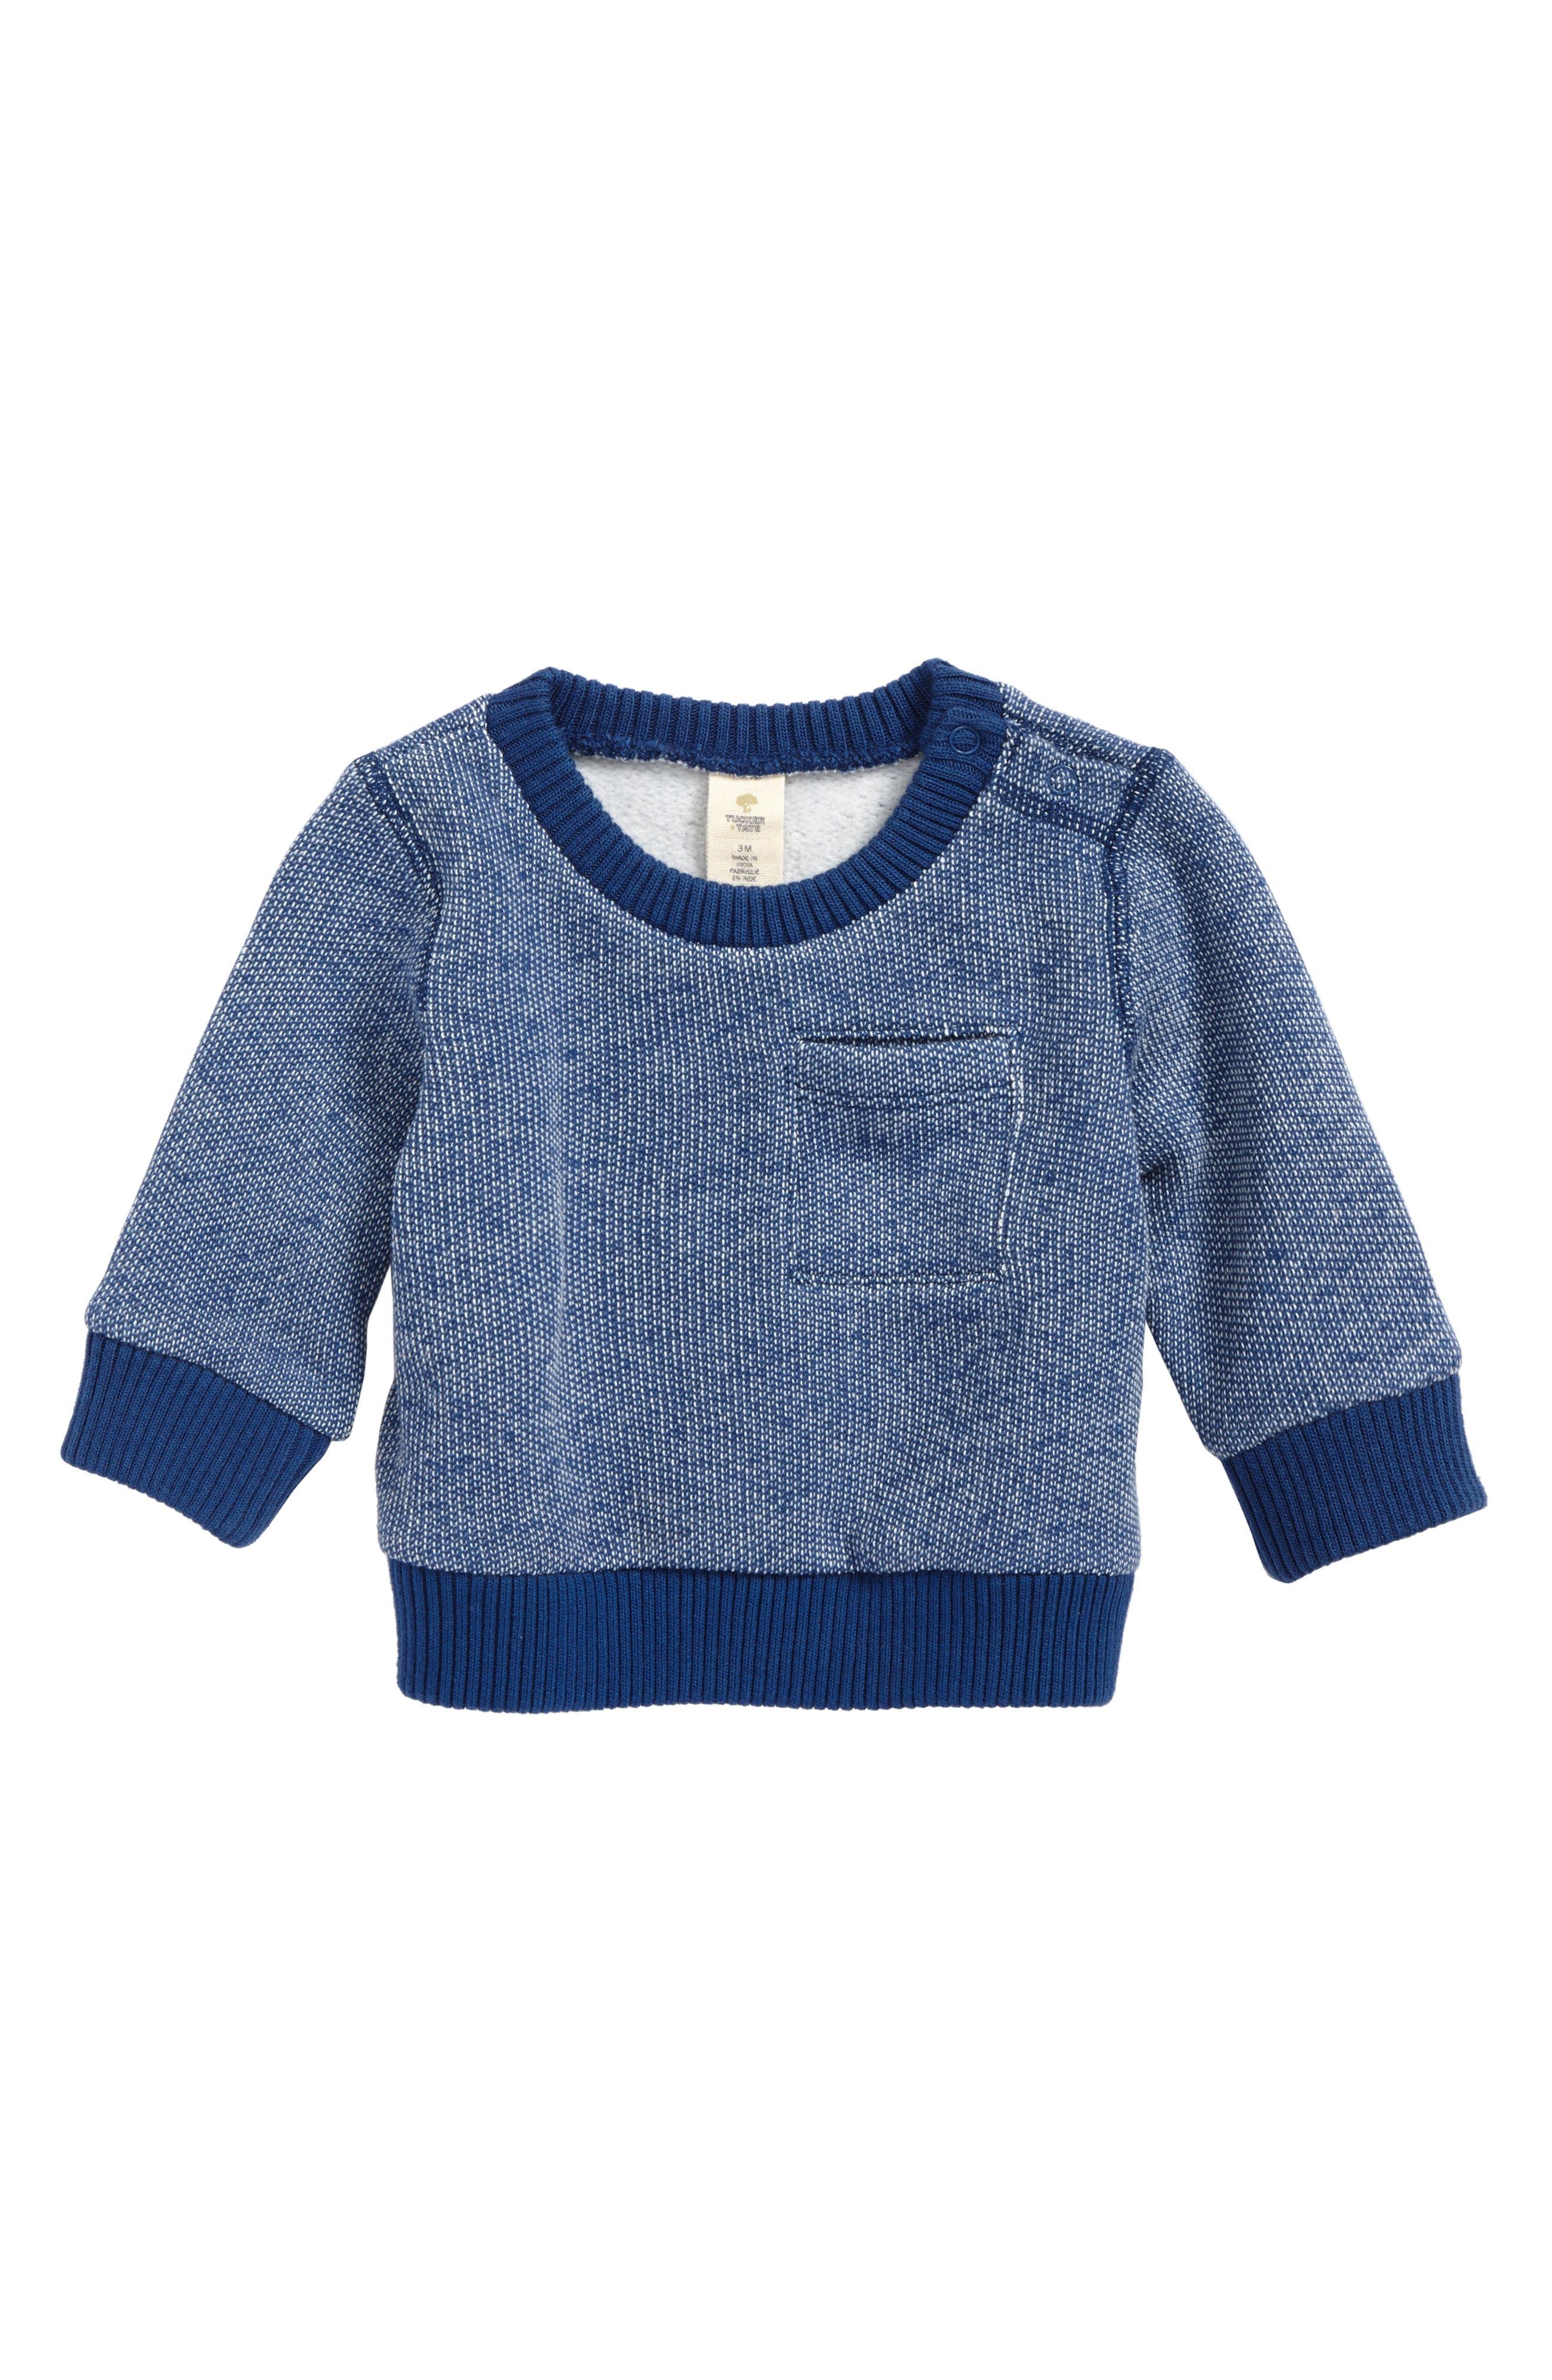 Alternate Image 1 Selected - Tucker + Tate Brushed Fleece Sweatshirt (Baby Boys)